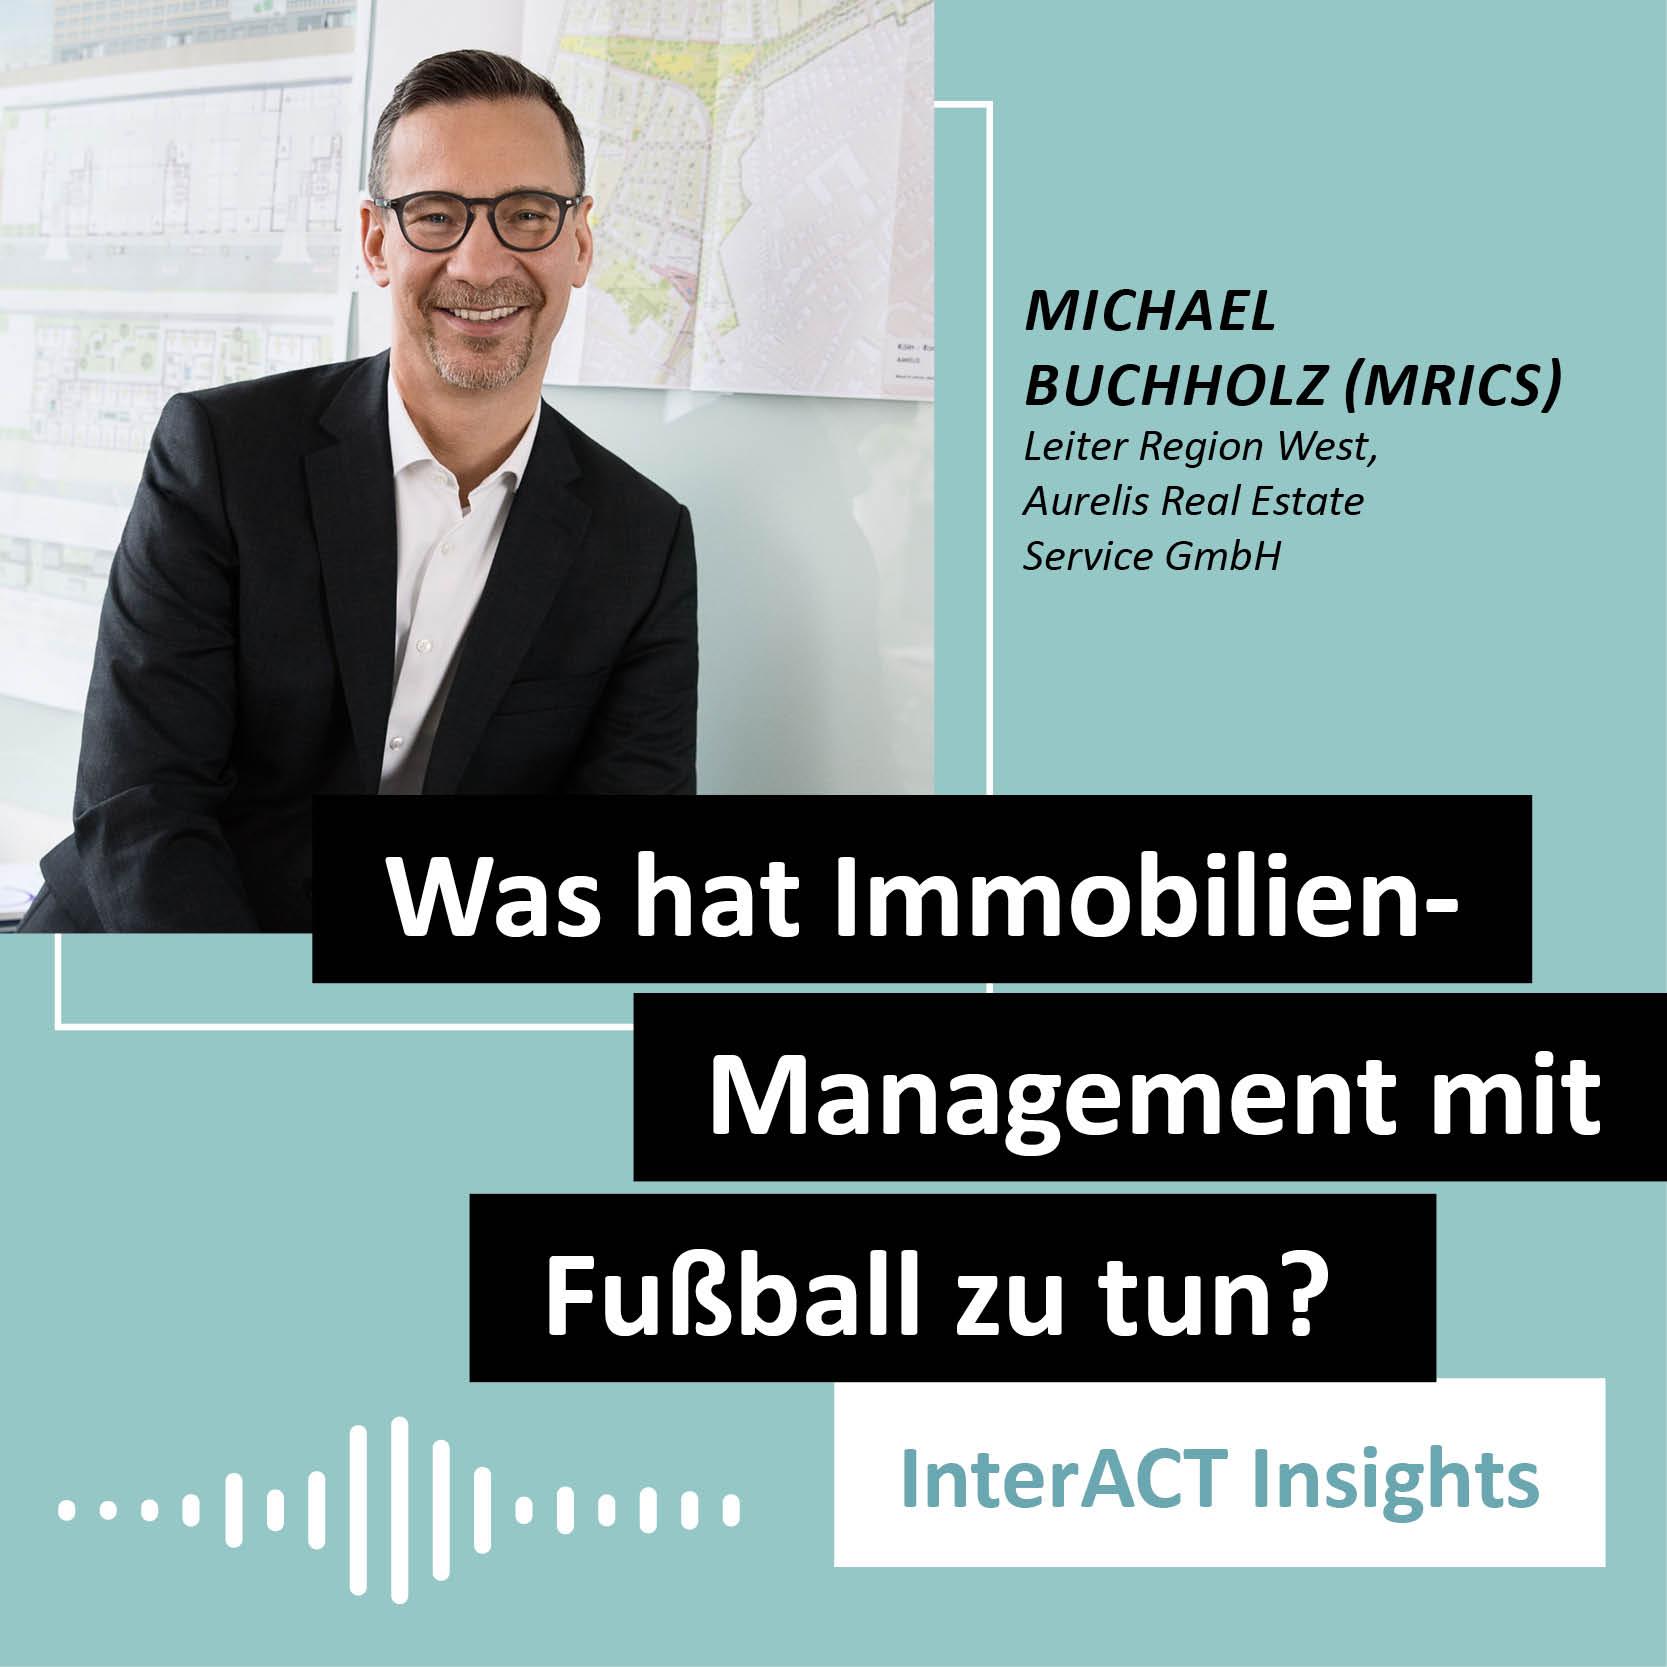 """Podcastfolge mit Michael Buchholz - """"Was hat Immobilien-Management mit Fußball zu tun?"""" - InterACT Insights"""